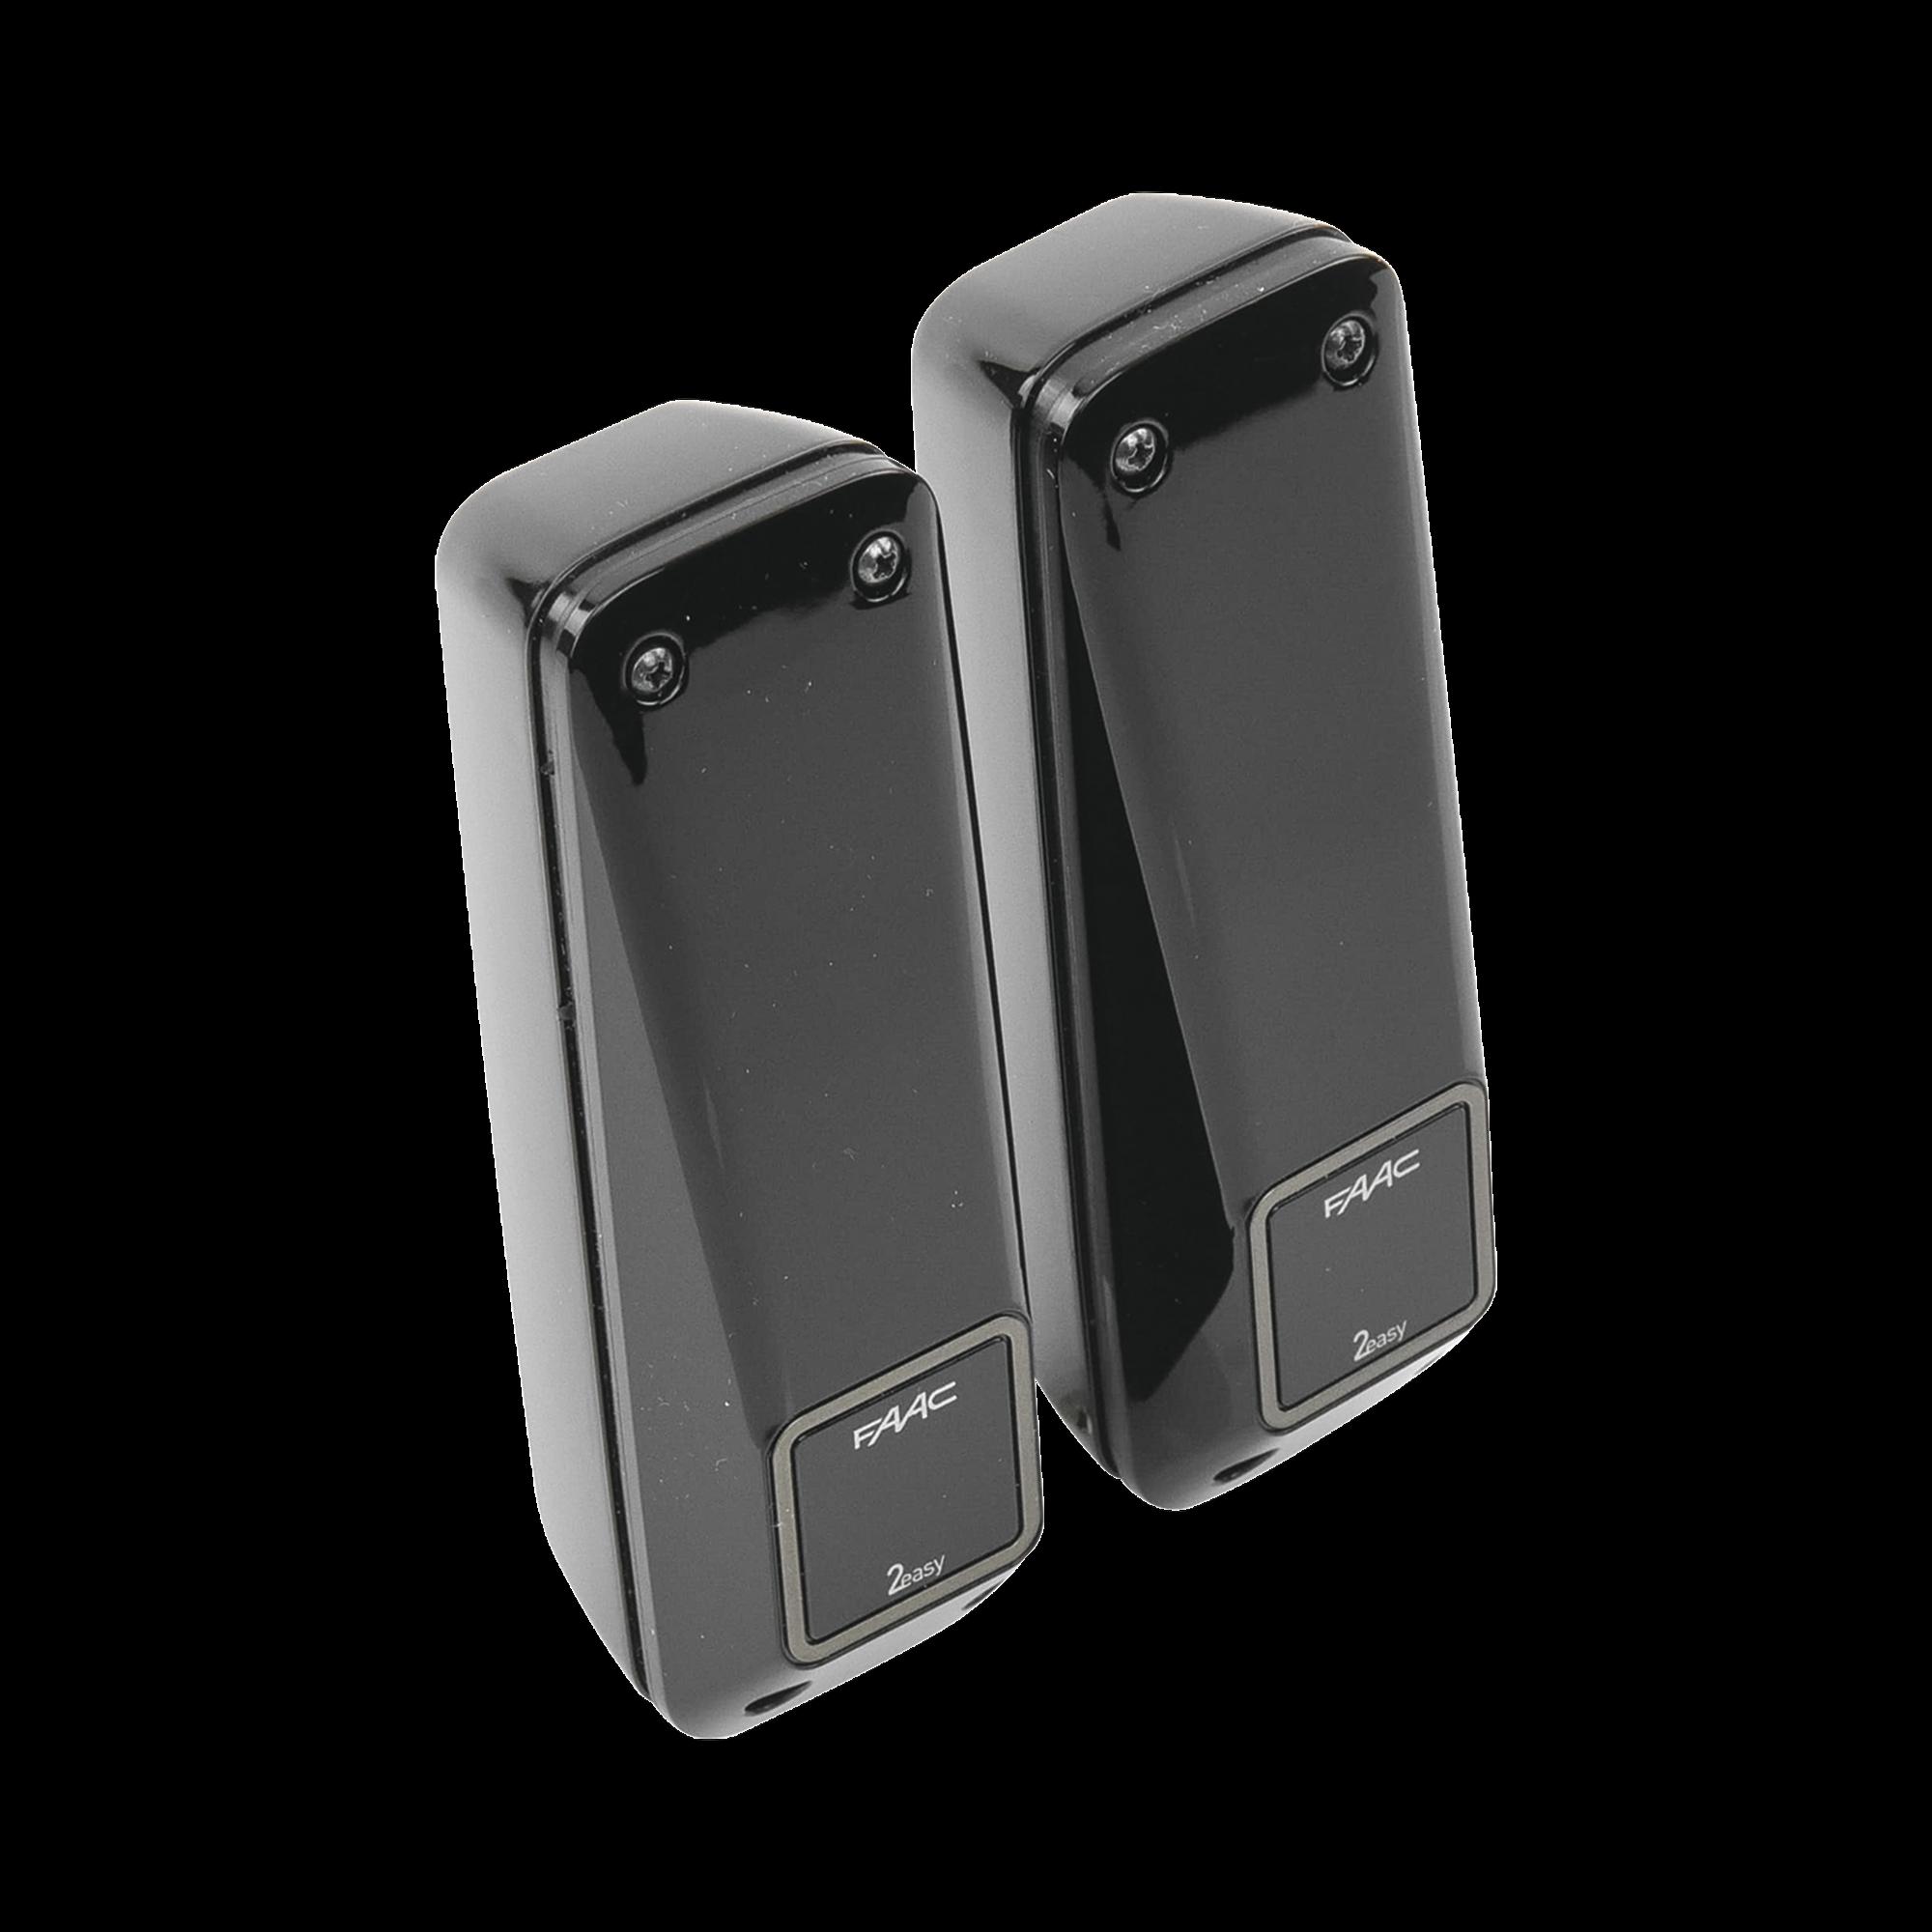 Fotocelda infrarroja XP20B (transmisor con receptor) / Conexión en BUS 2easy / Alcance de hasta 20 metros / Uso en barreras y motores de acceso vehicular